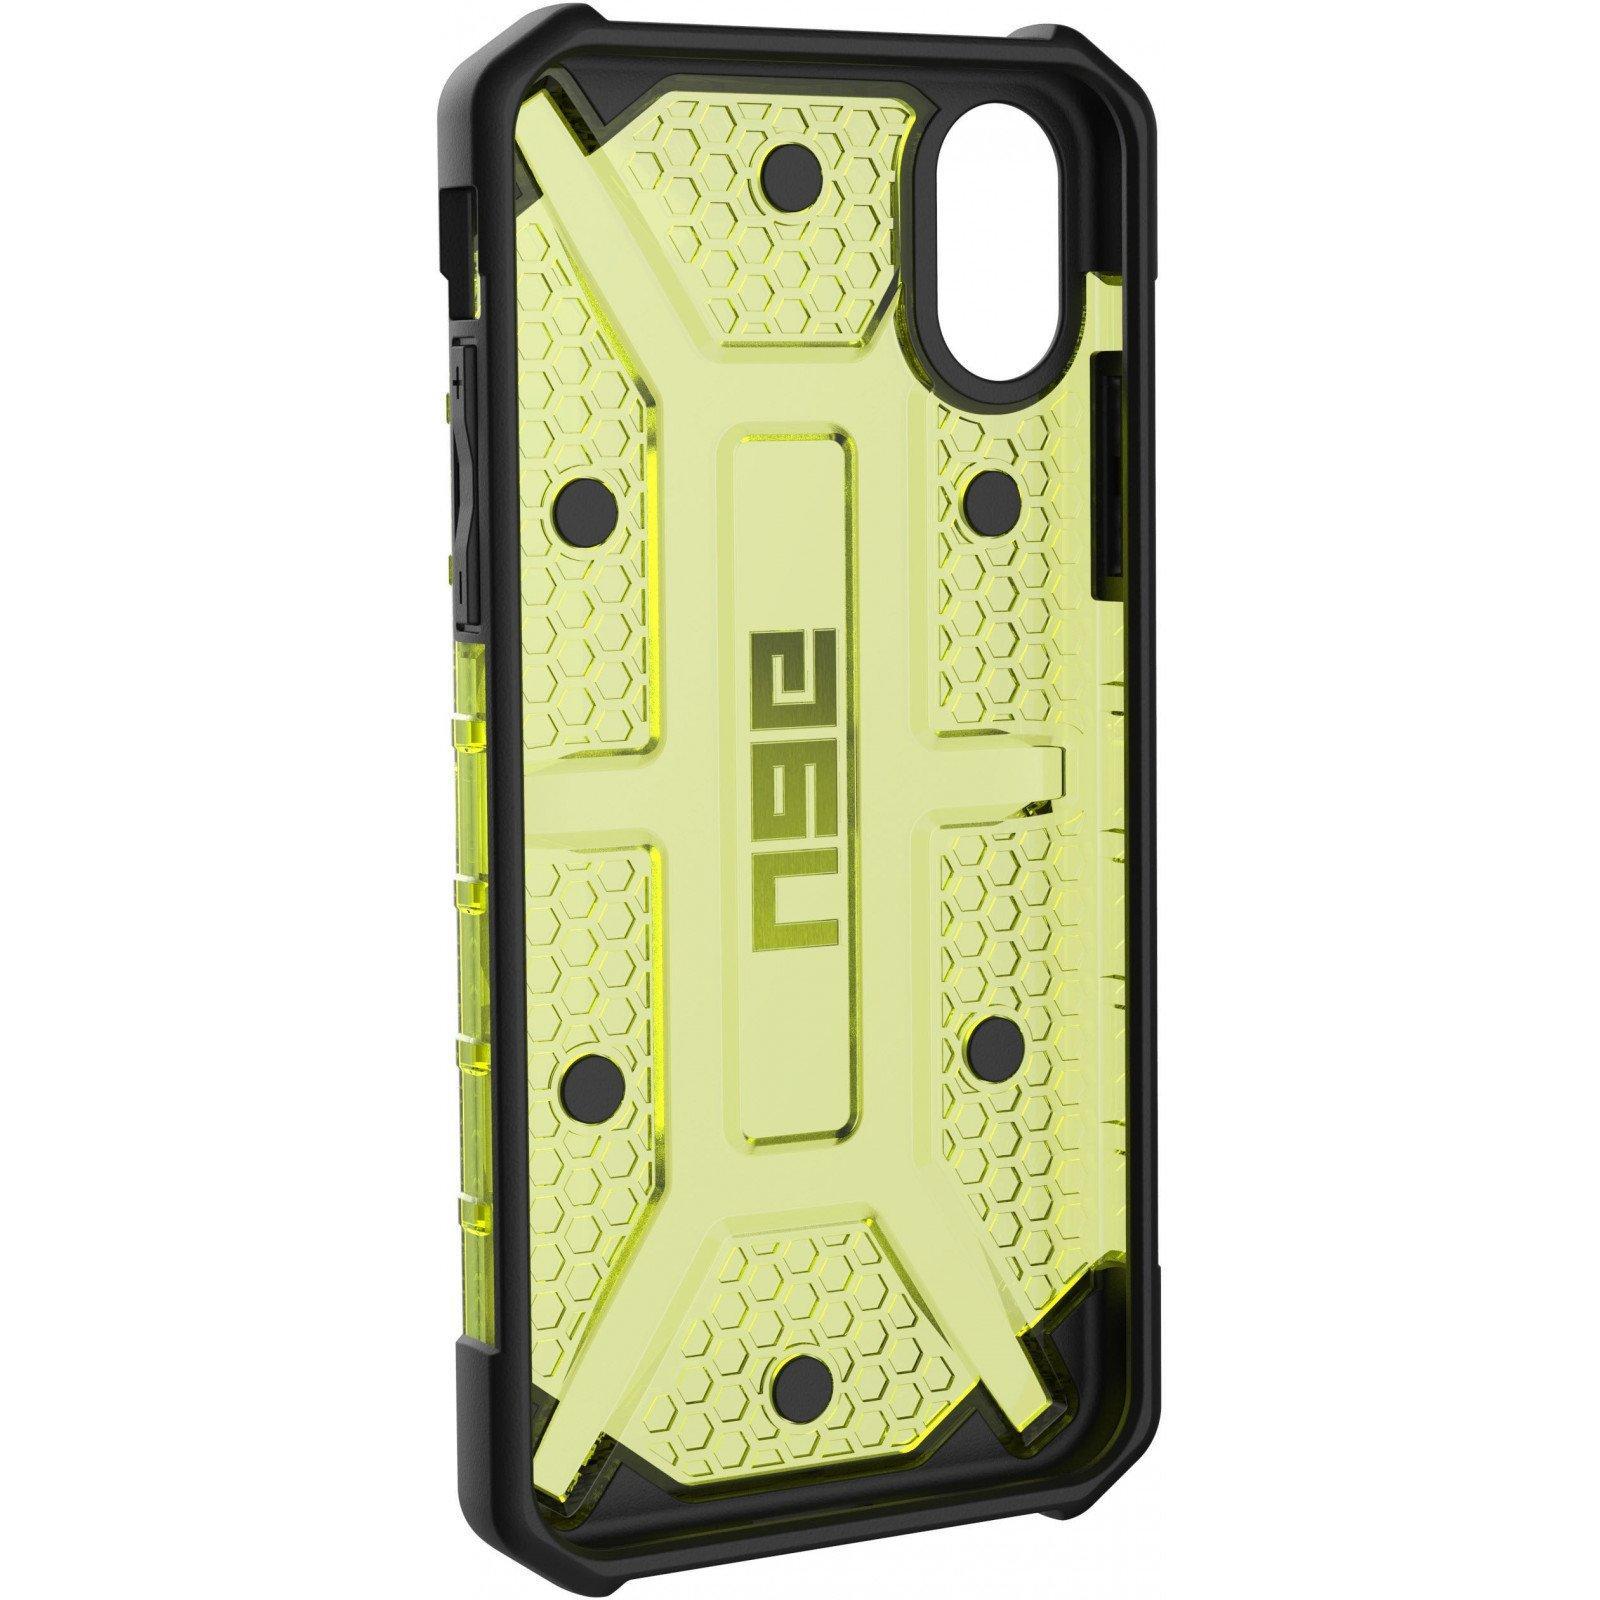 Чехол для моб. телефона Urban Armor Gear iPhone X Plasma Citron (IPHX-L-CT) изображение 2